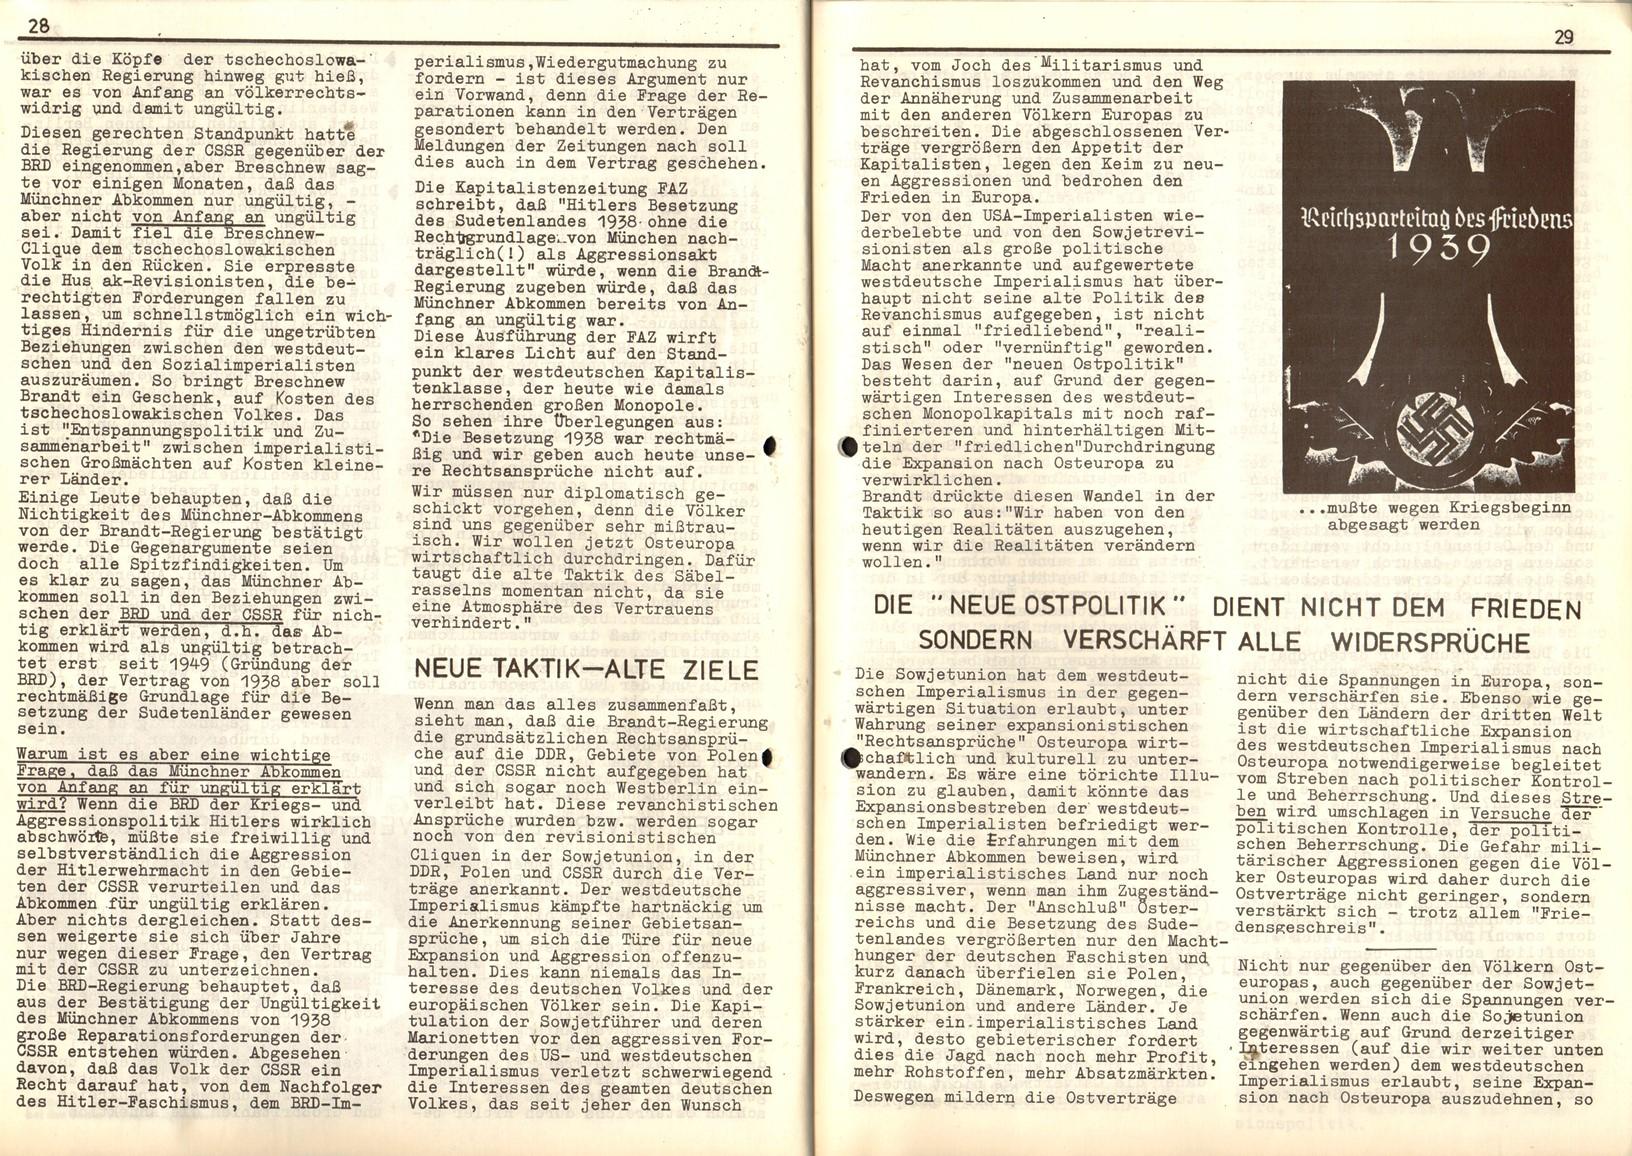 ML_Aachen_Bochum_Duisburg_1973_Breschnew_in_Bonn_15